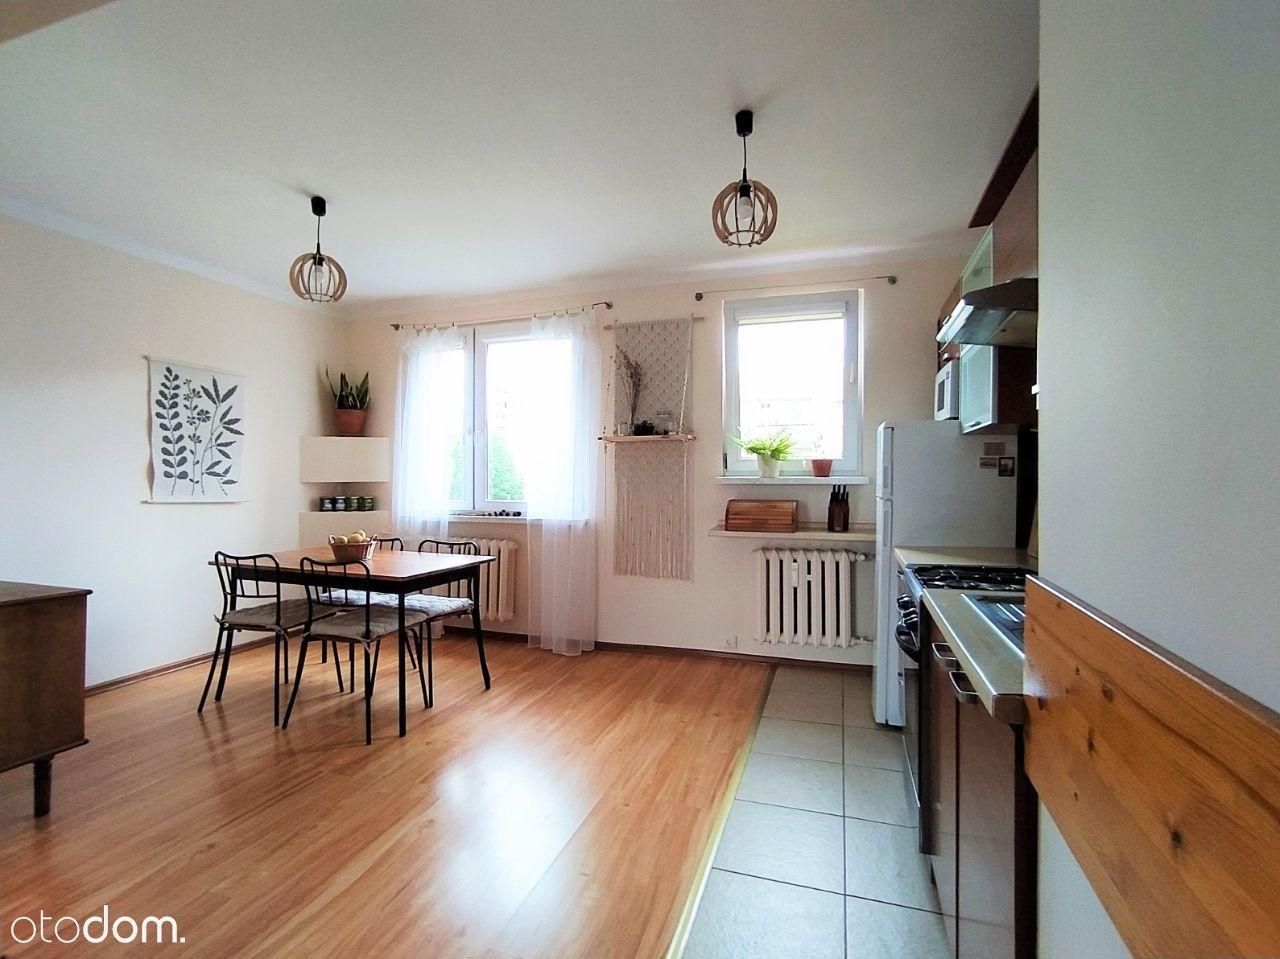 3-pokojowe mieszkanie, 50,24 m2, Złote Łany